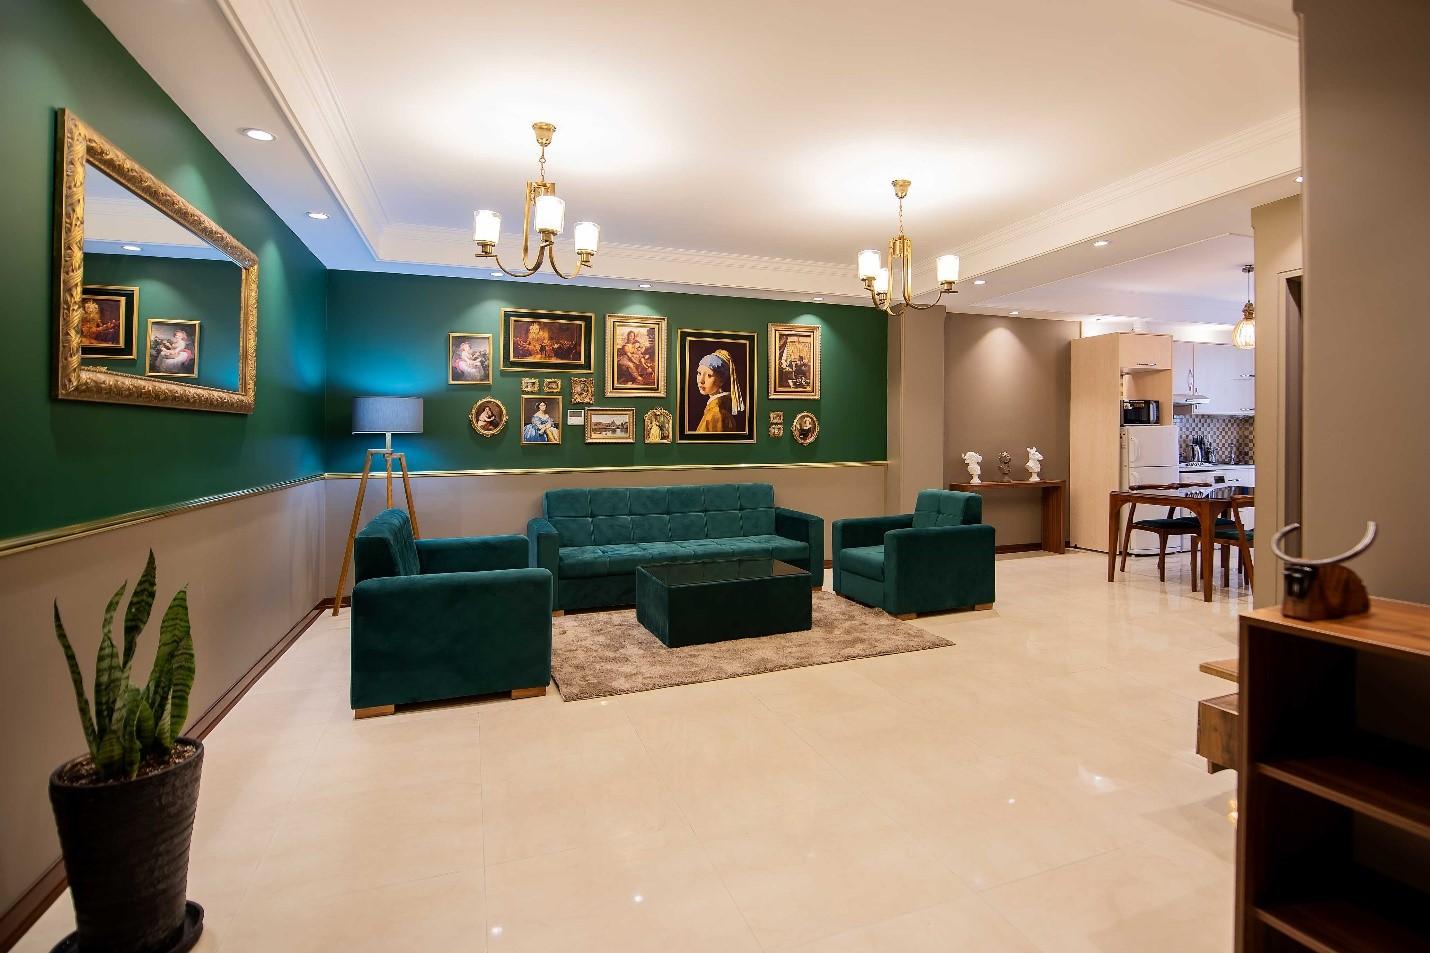 ویژگی های یک آپارتمان خوب و نکات اجاره خانه روزانه در تهران - ایران کجاست